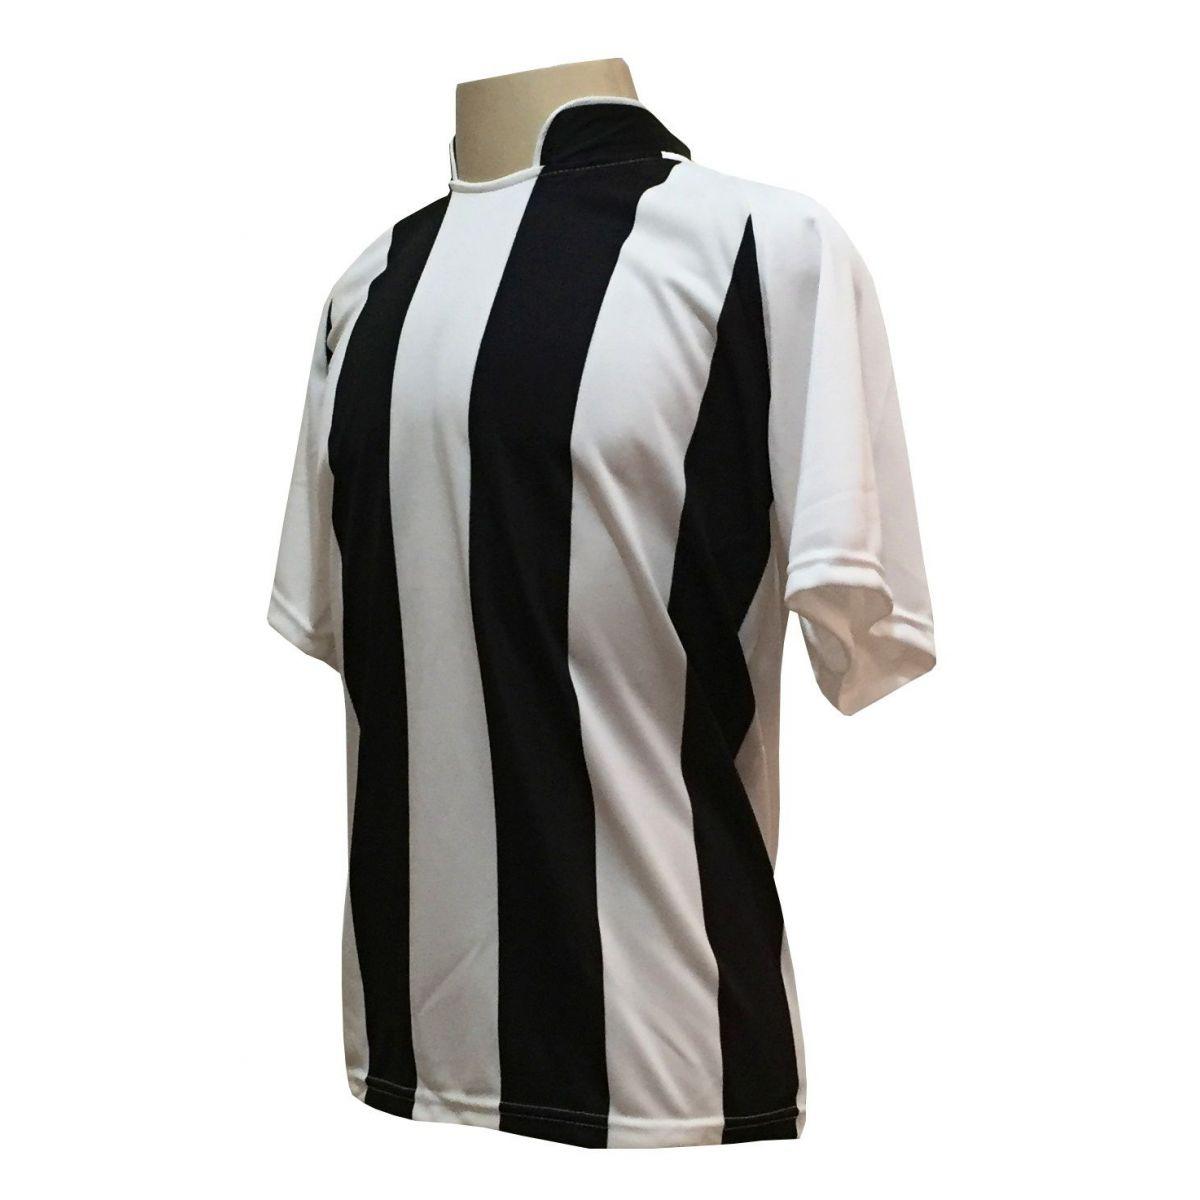 Uniforme Esportivo com 18 camisas modelo Milan Branco/Preto + 18 calções modelo Copa Preto/Branco + 18 pares de meiões Branco